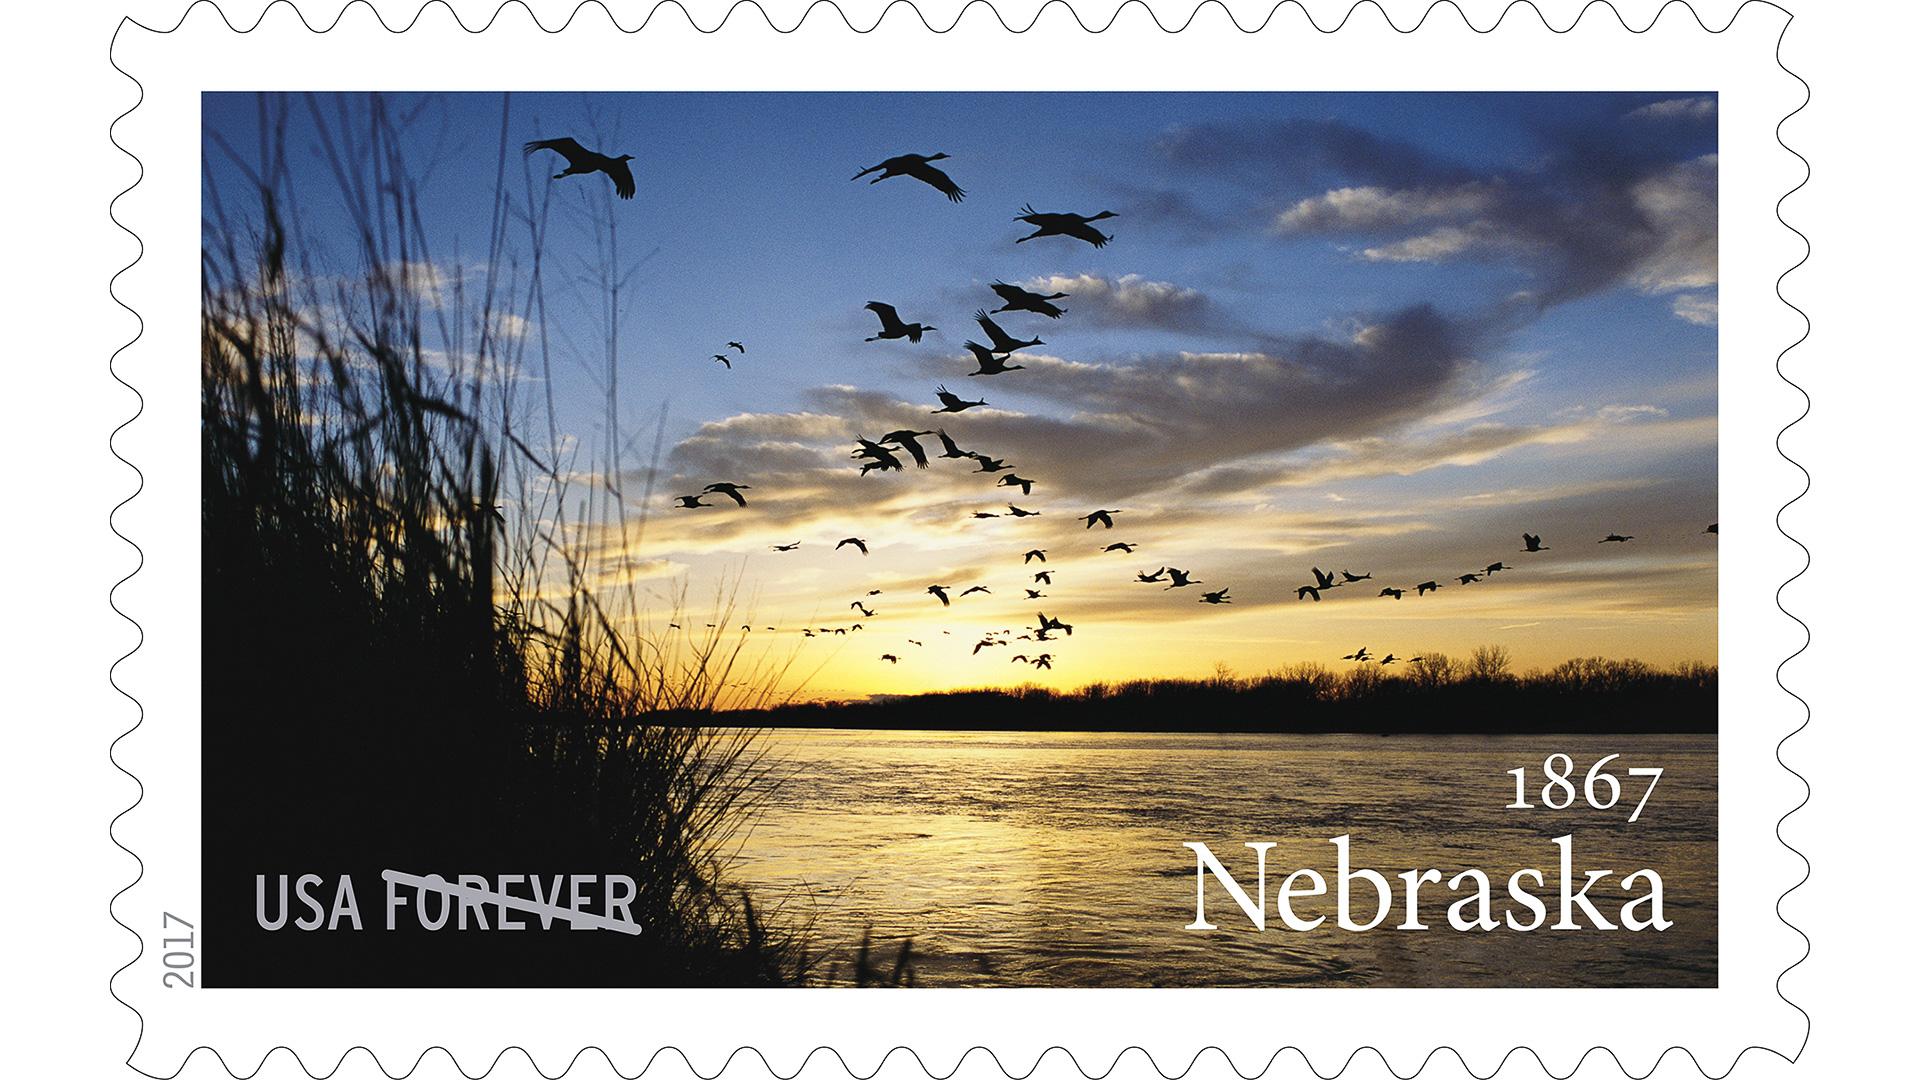 Levi Sim Forever Stamp Nebraska Michael Forsberg-1